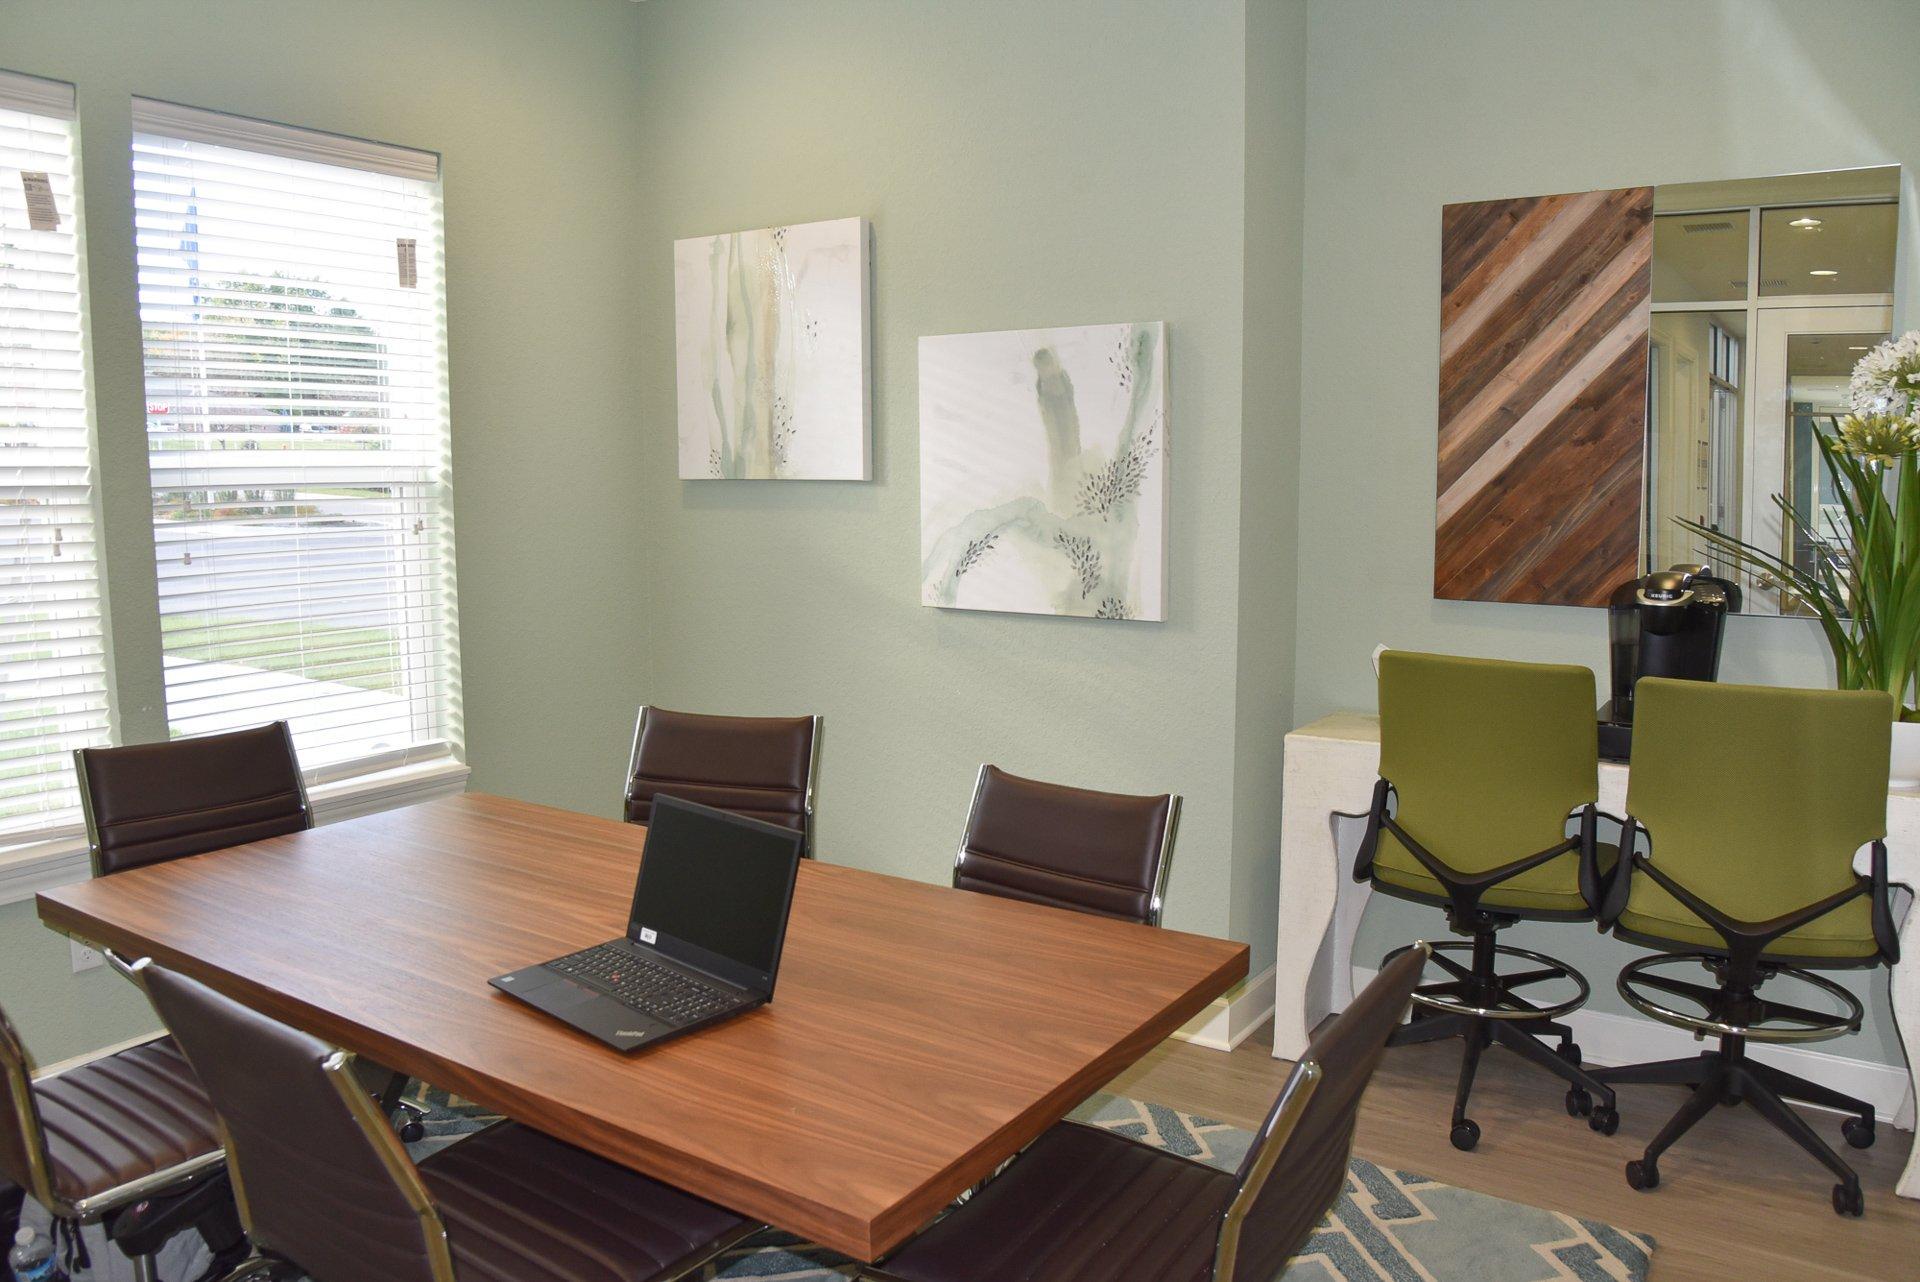 Springs at Knapp's Crossing meeting room